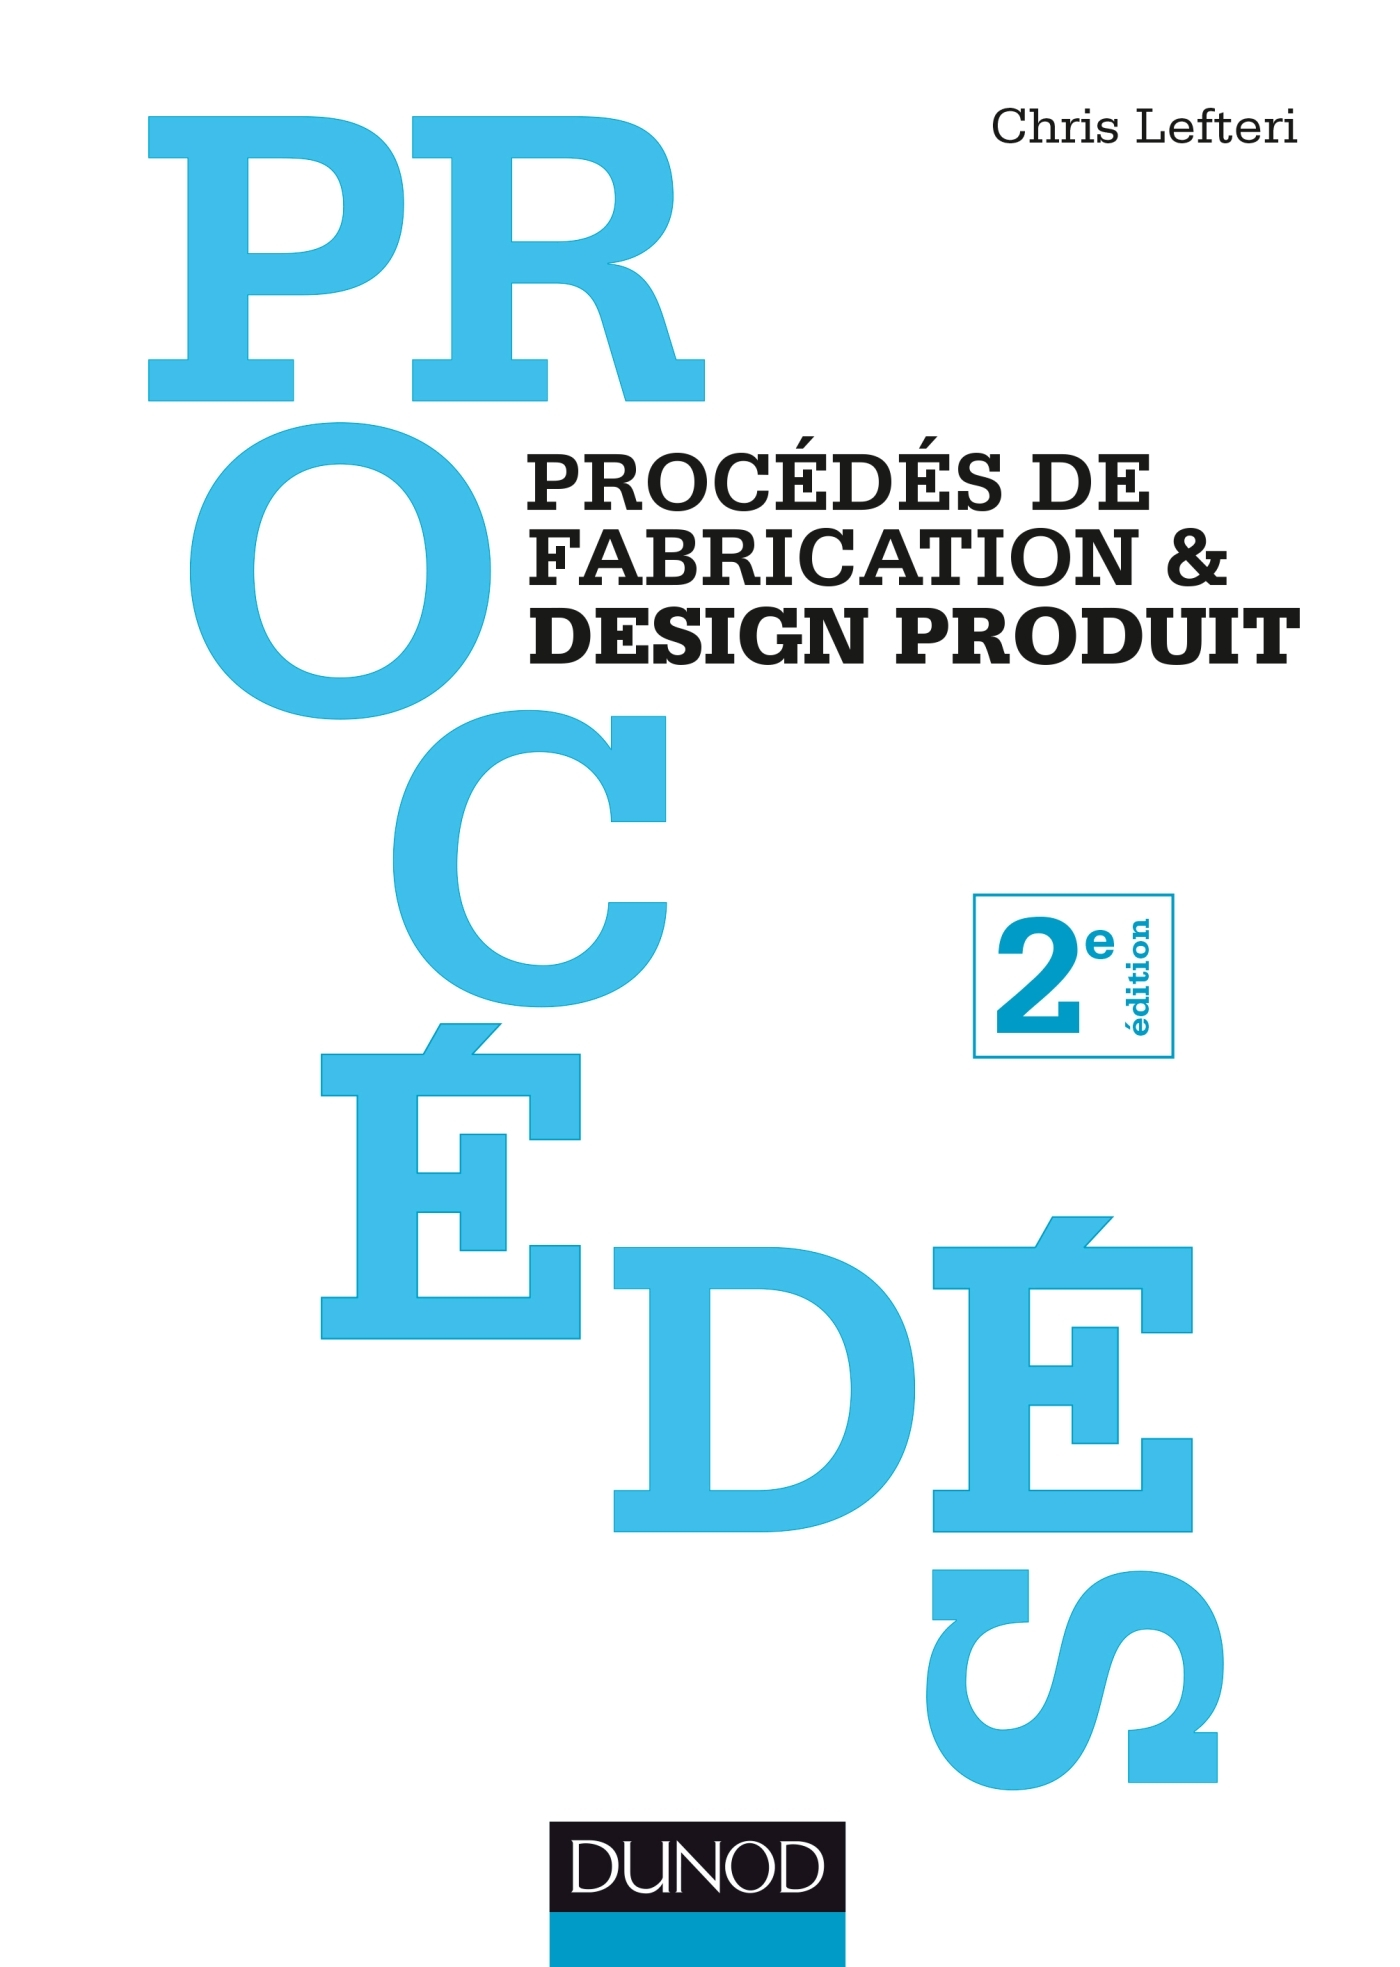 PROCEDES DE FABRICATION & DESIGN PRODUIT